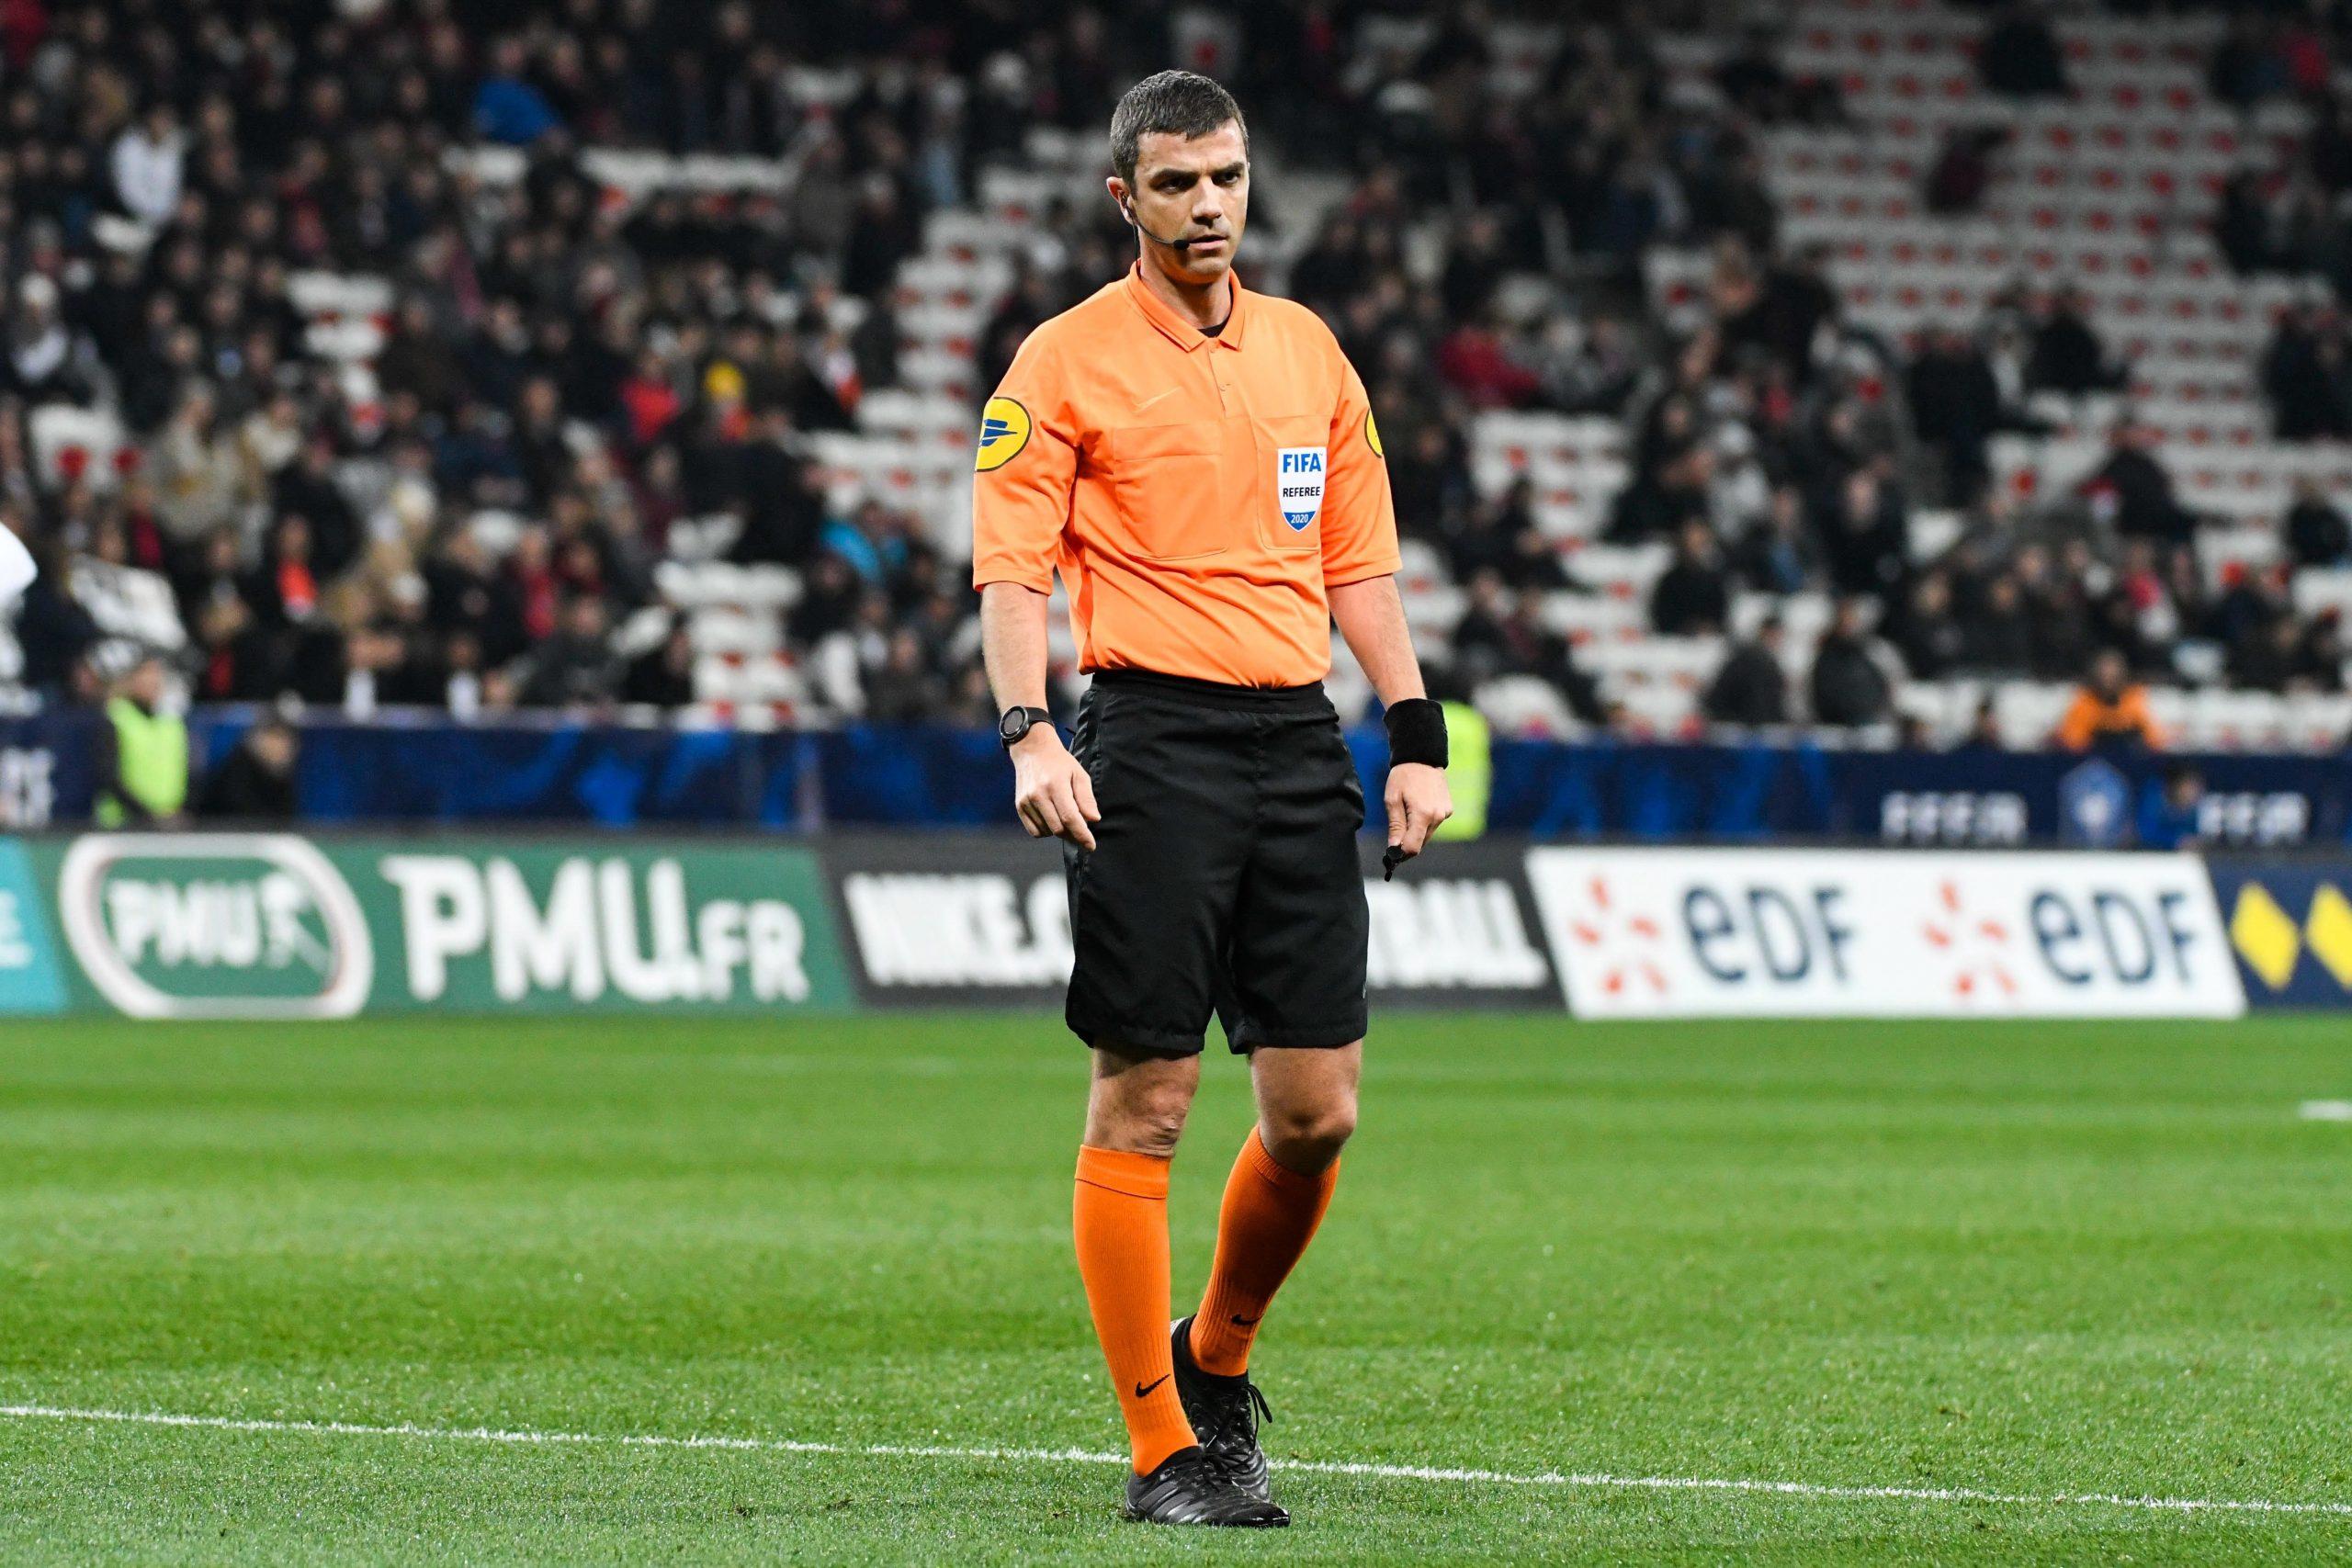 Nantes/PSG - Les statistiques de l'arbitre : beaucoup de jaunes et de penaltys, peu d'exclusions